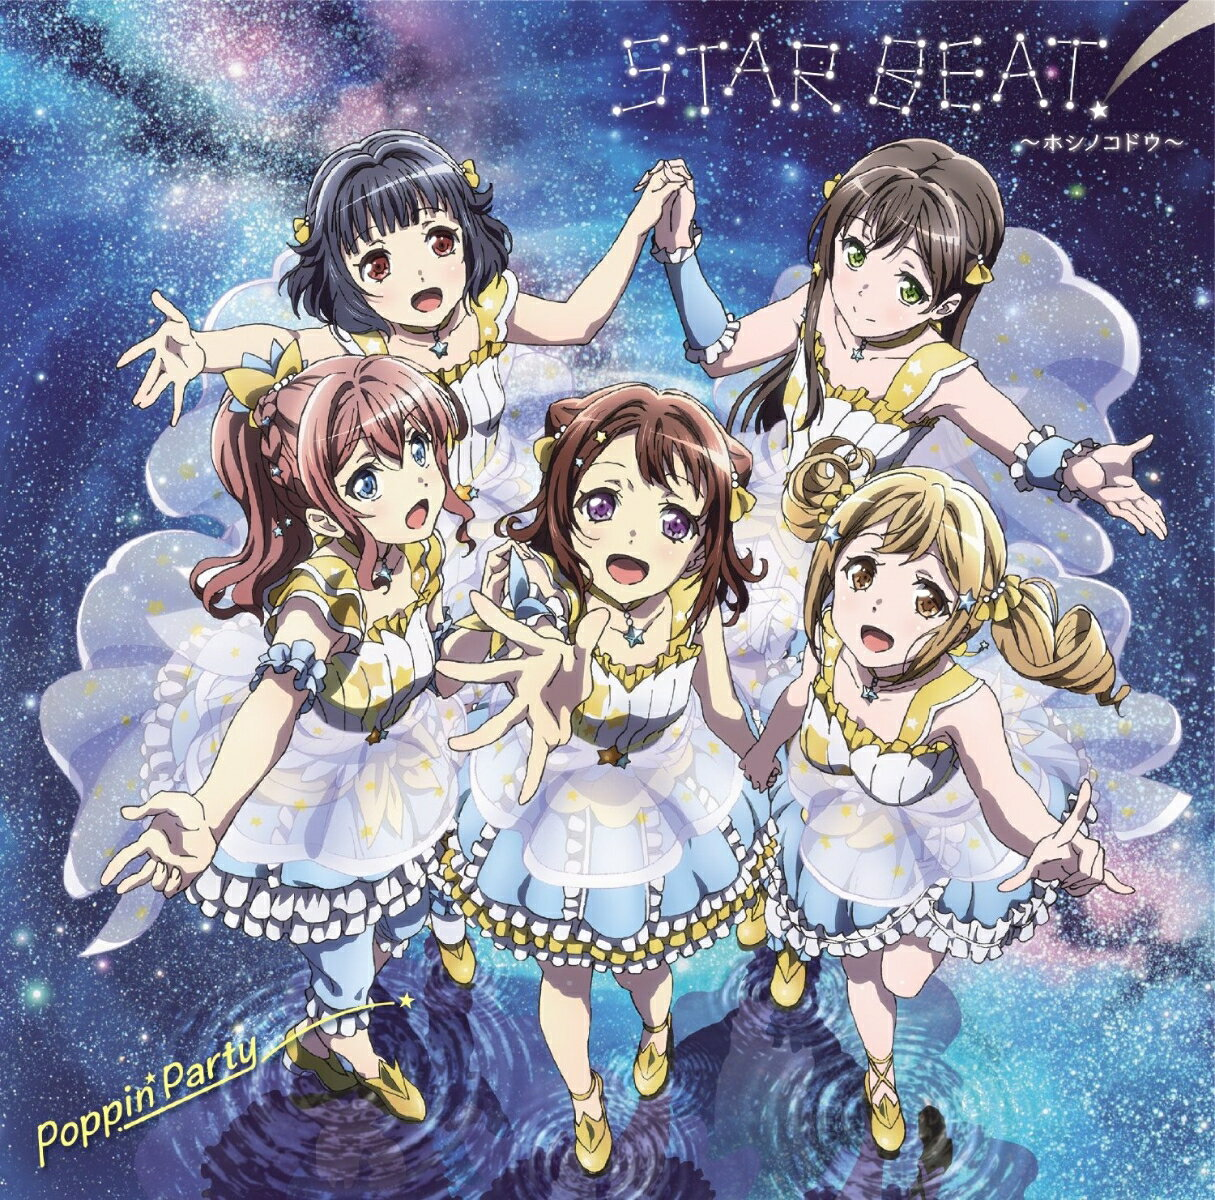 バンドリ!「STAR BEAT!〜ホシノコドウ〜」【通常盤】画像